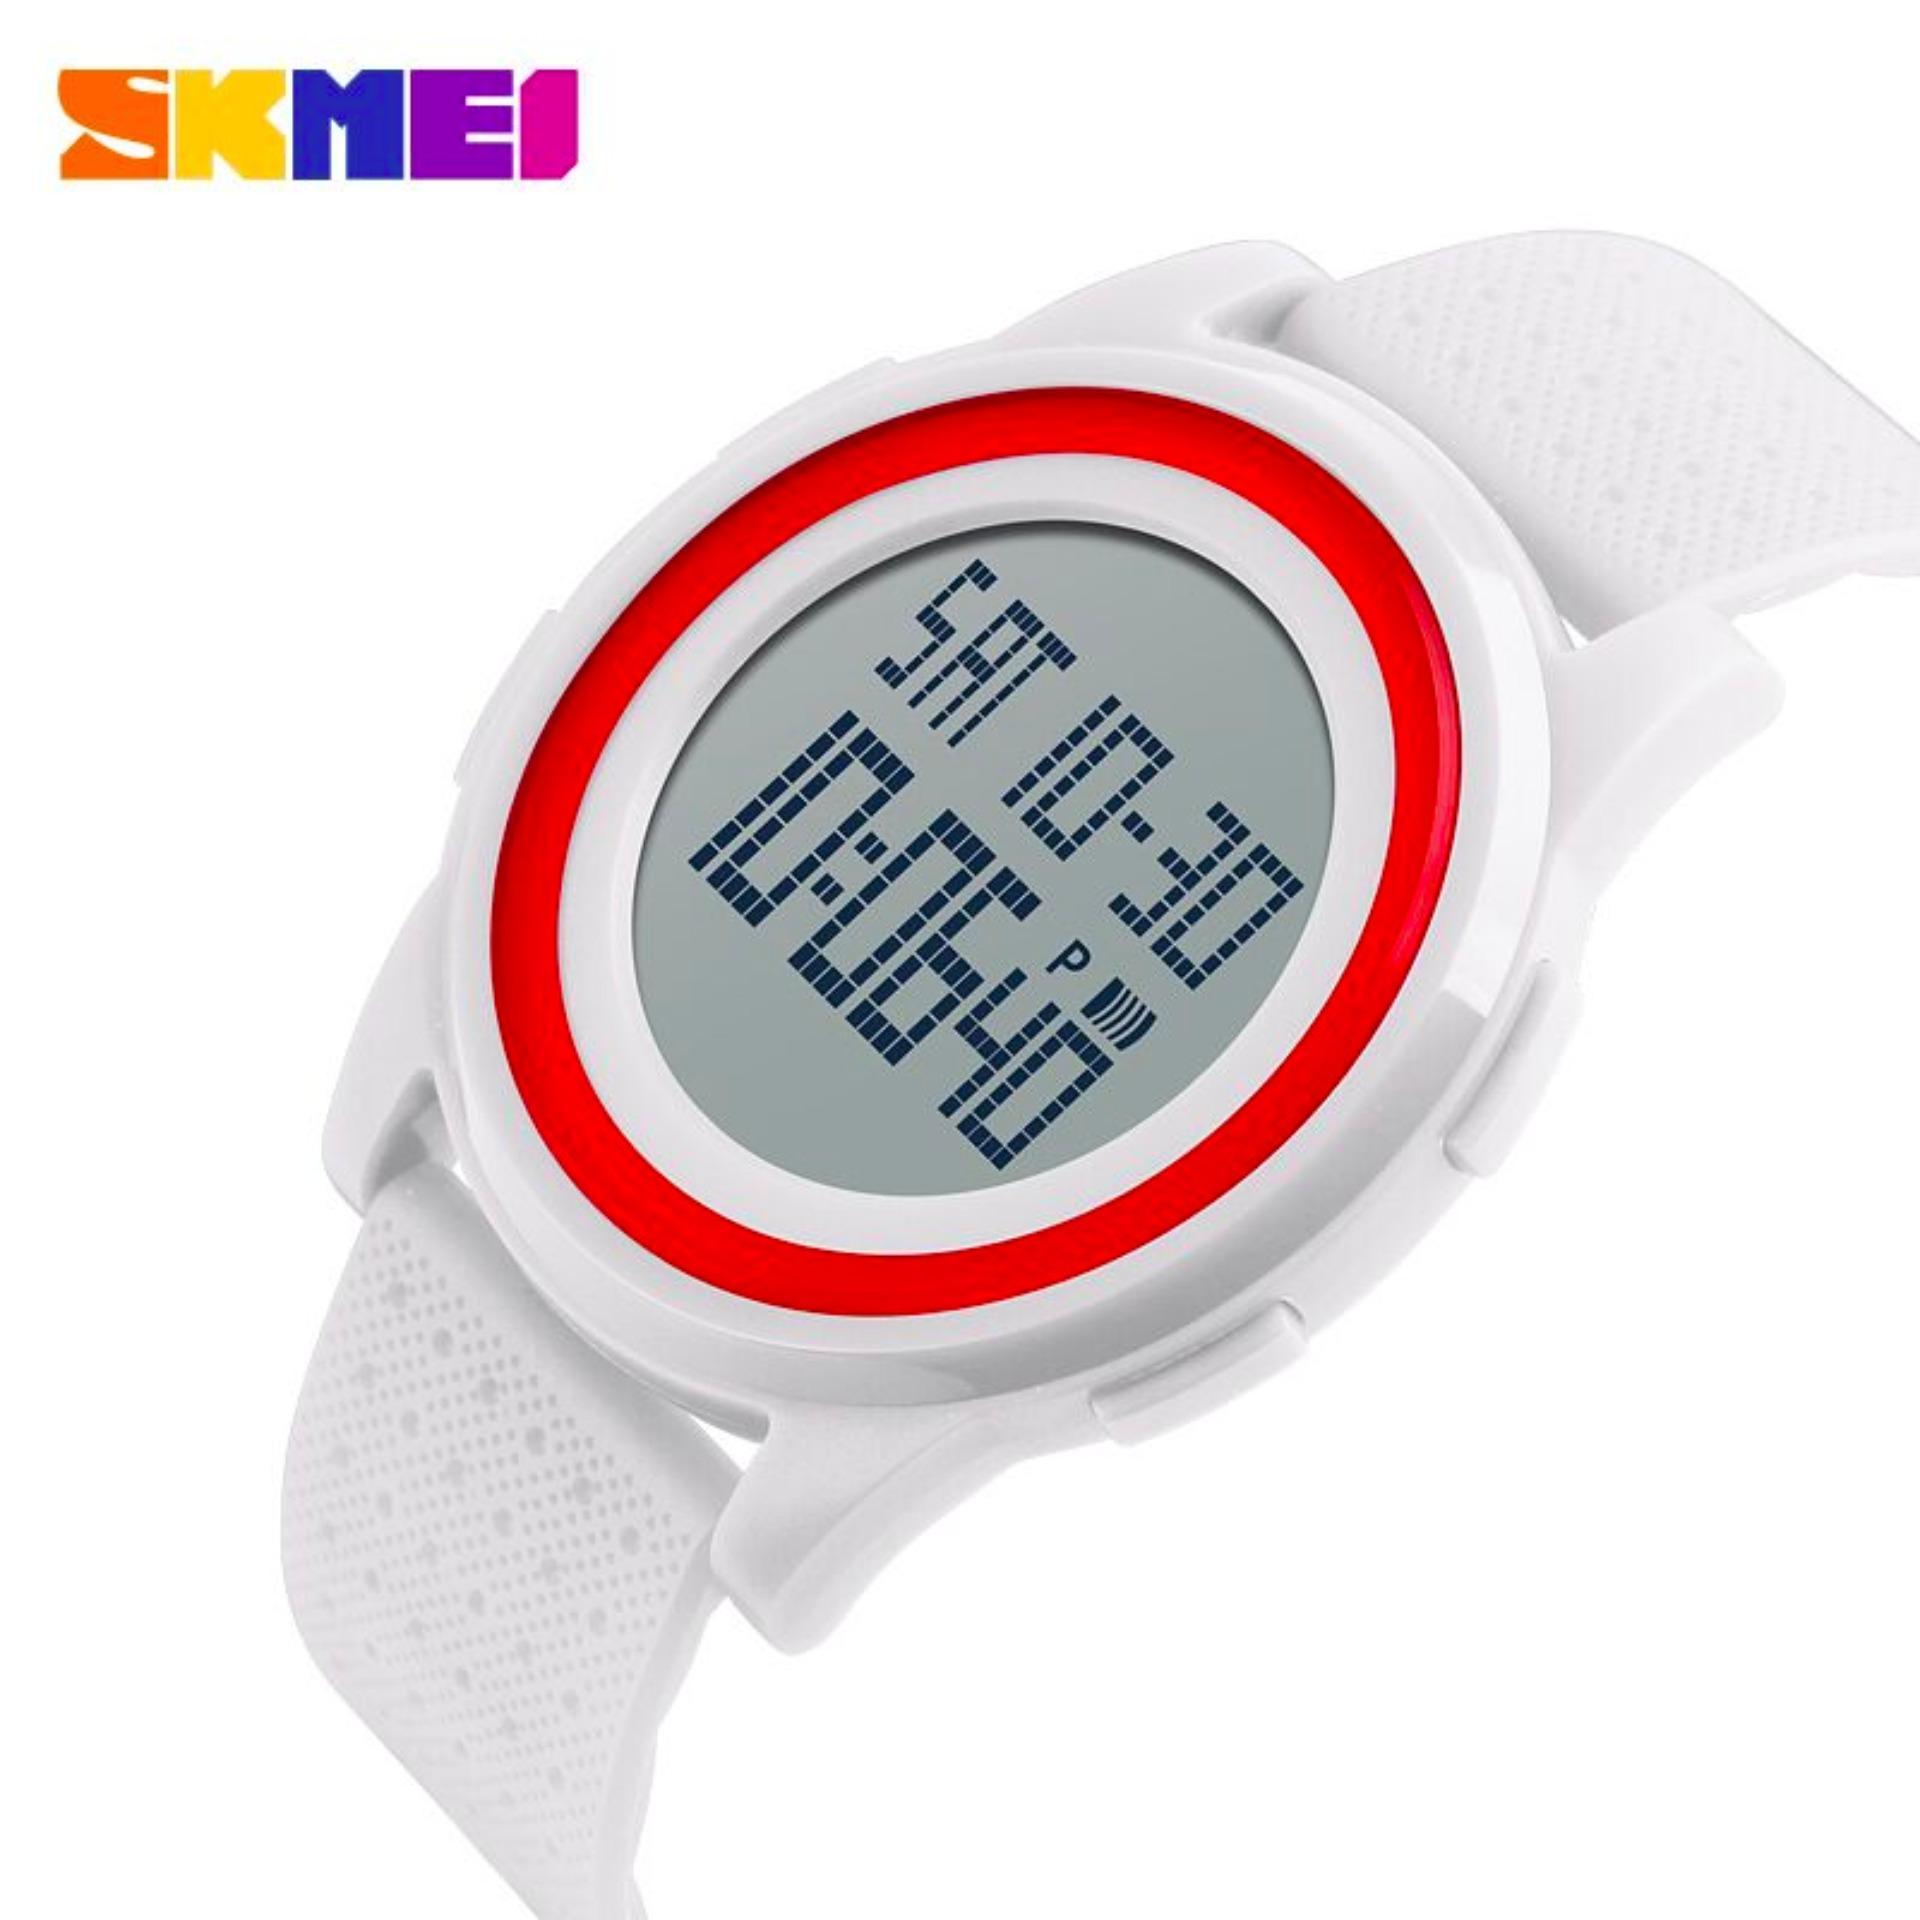 Skmei Digital Sport Watch Water Resistant 50m Dg1206 Jam Tangan Pria Wanita 1206 Thin 30m Black Day Date